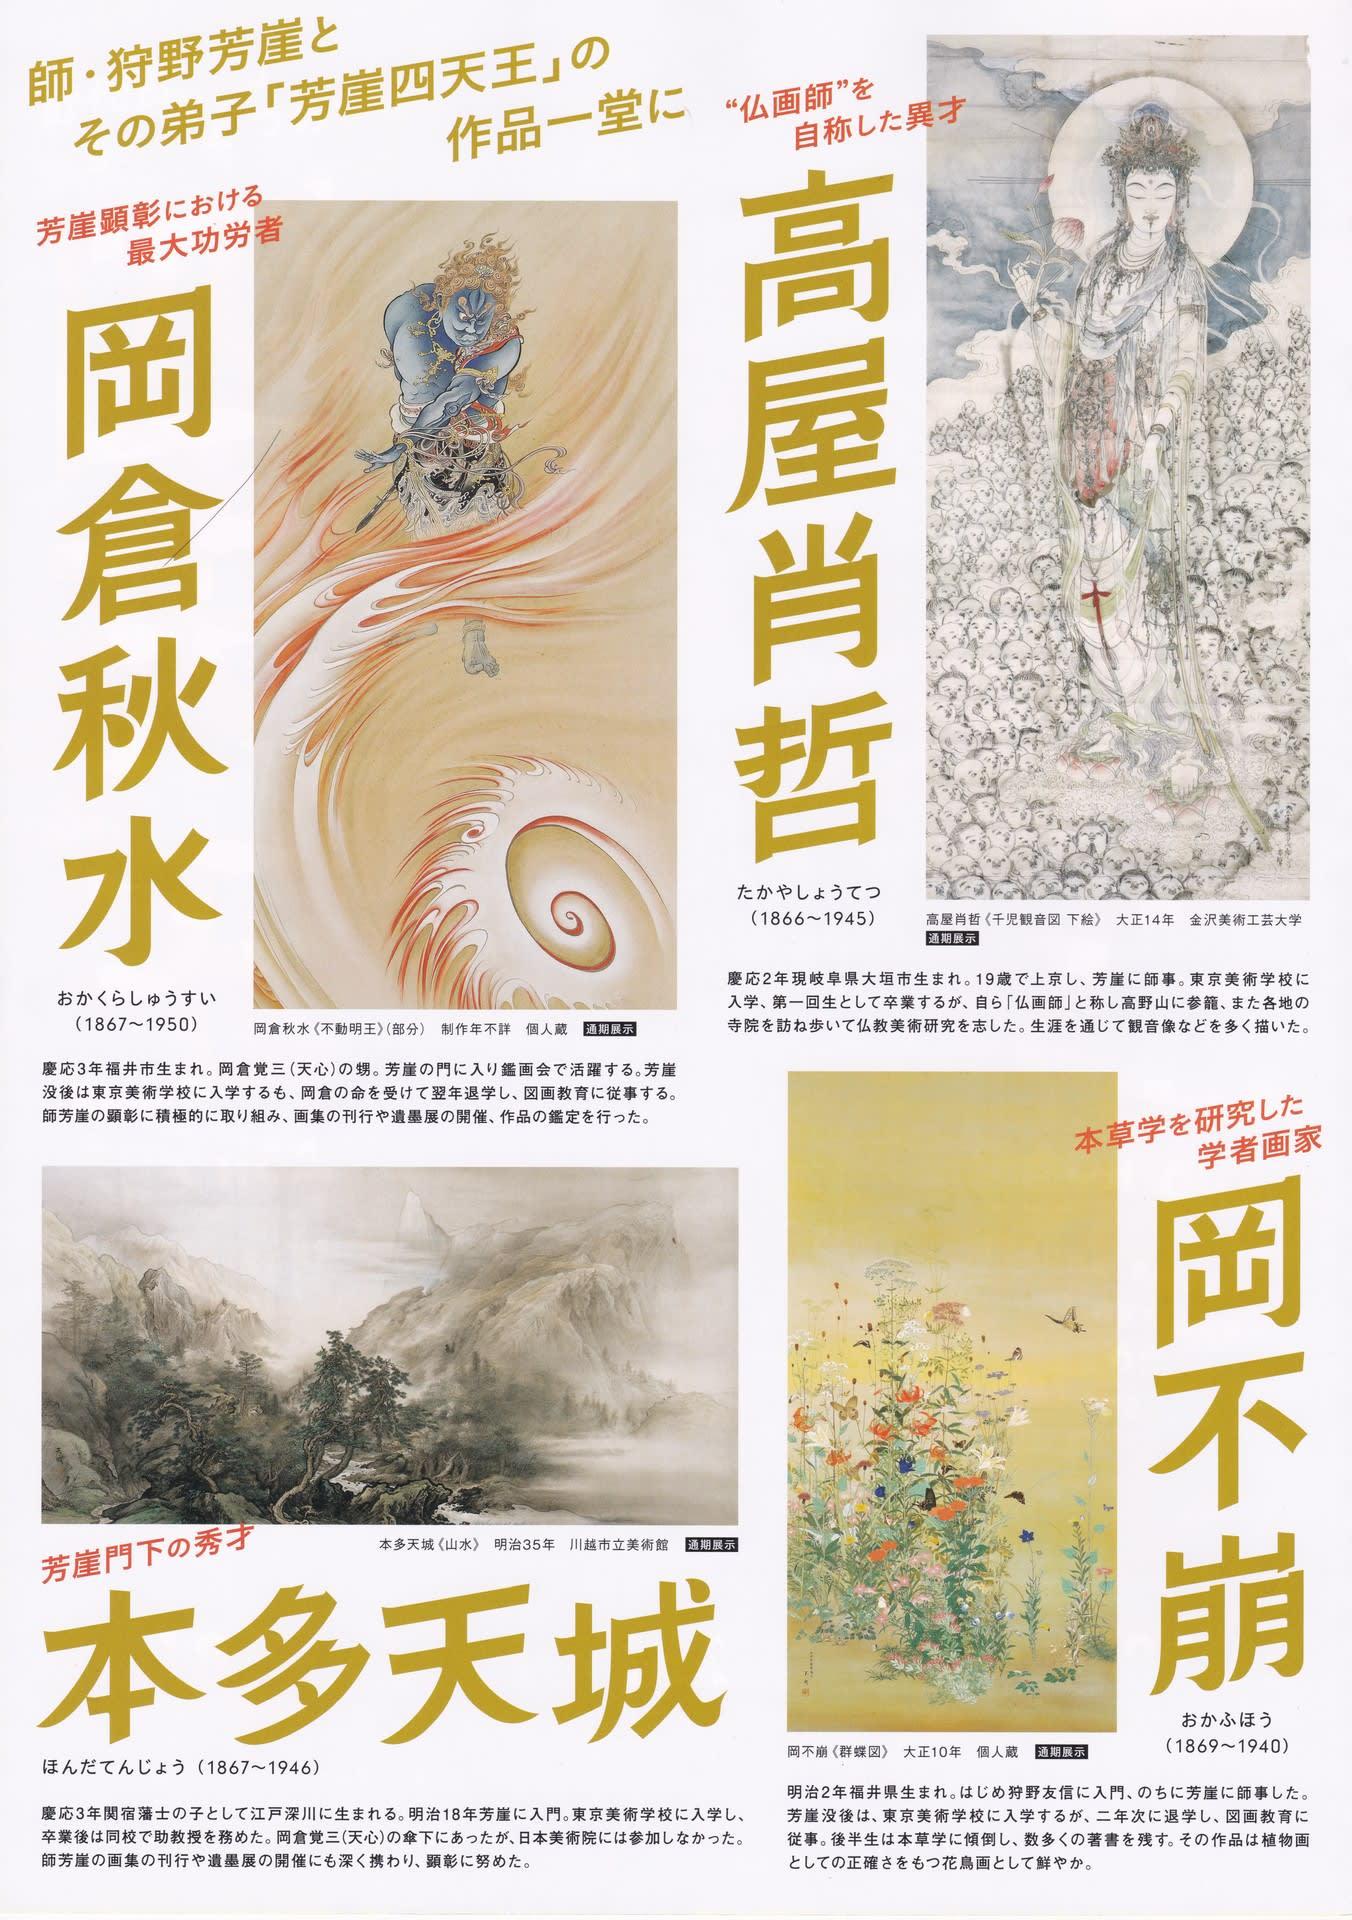 狩野芳崖と四天王 近代絵画、も...